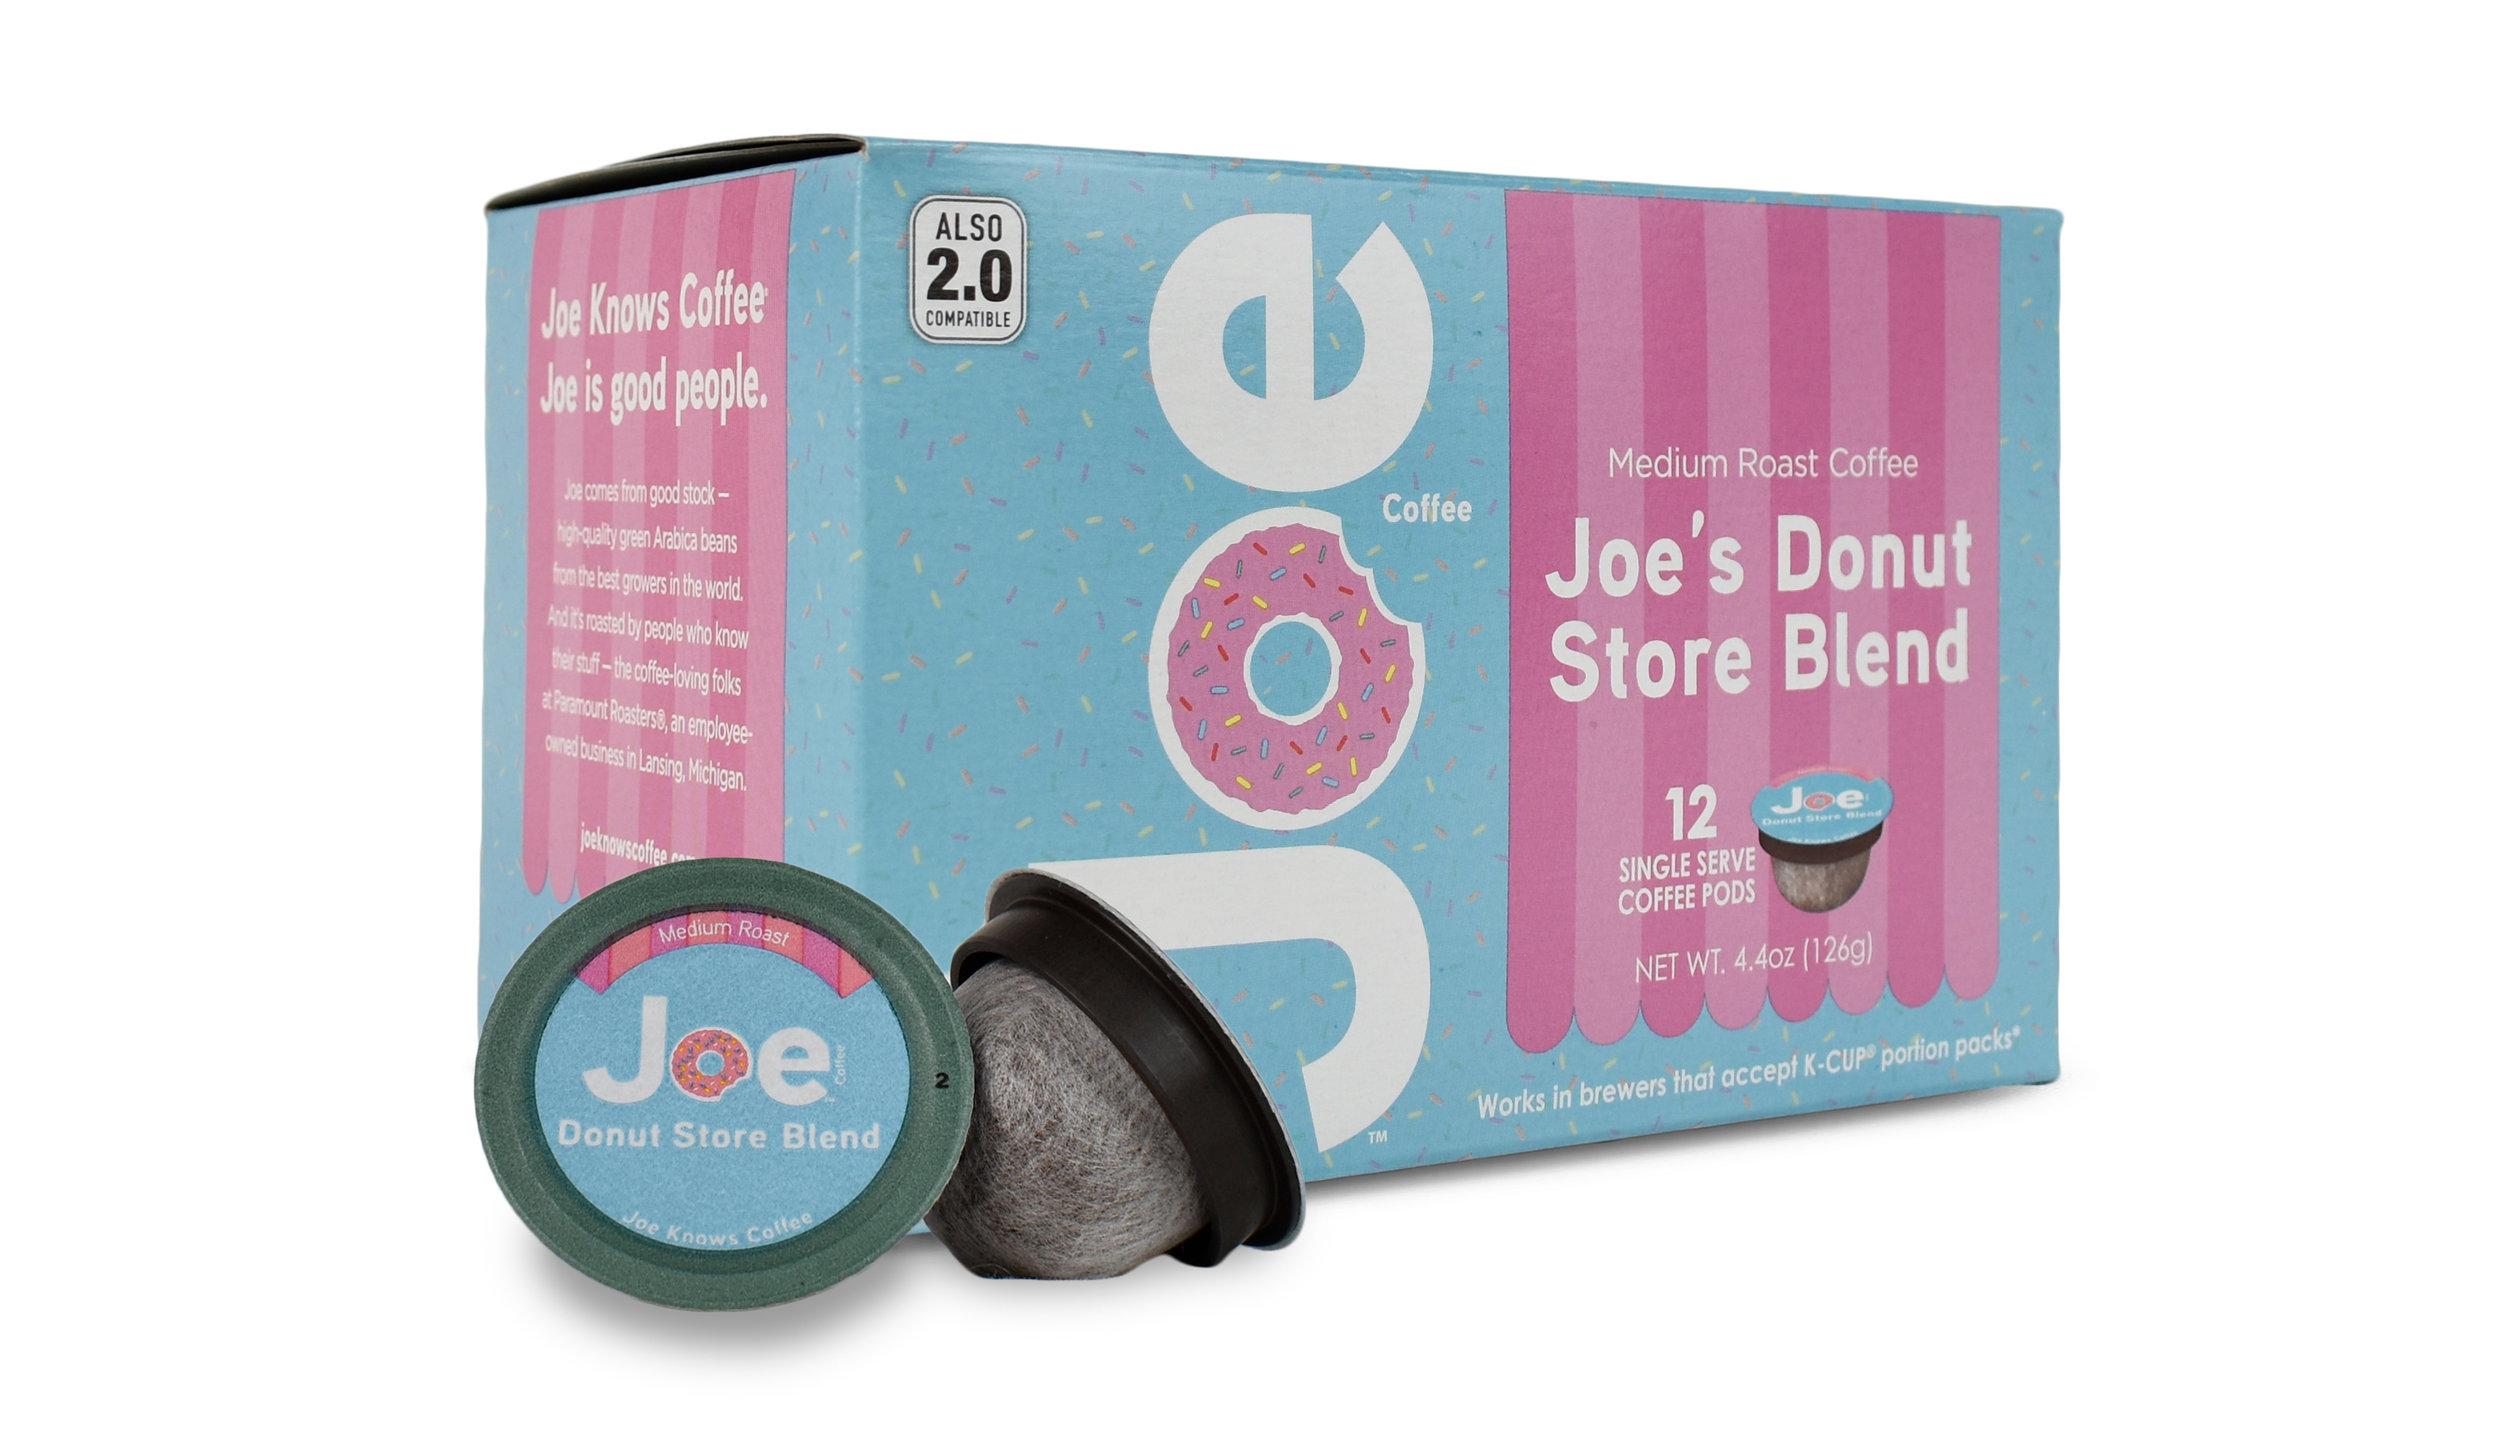 Joe Donut pod box angle with pods.jpg